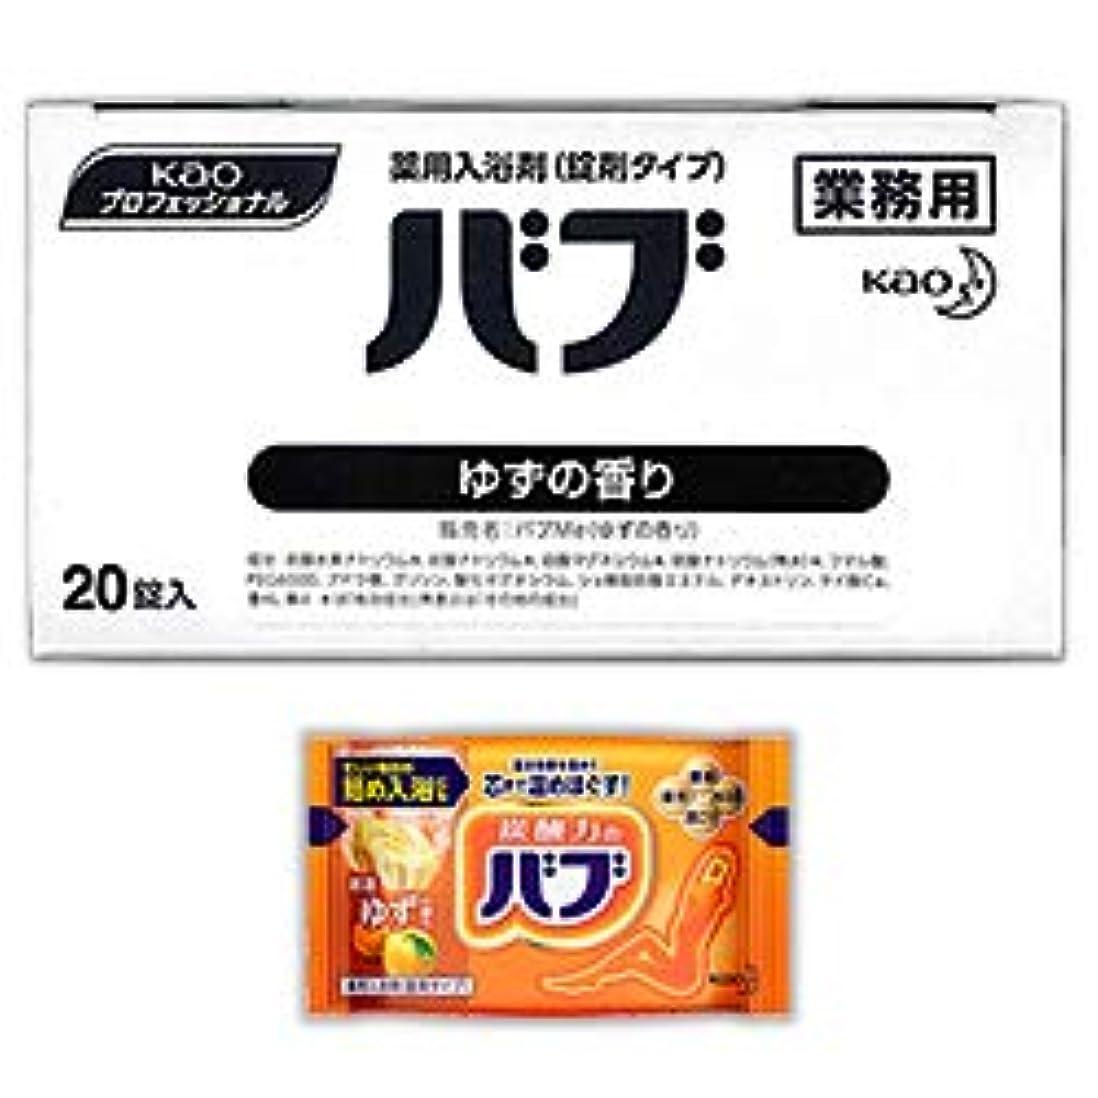 手順落胆させる予感【花王】Kaoプロフェッショナル バブ ゆずの香り(業務用) 40g×20錠入 ×4個セット